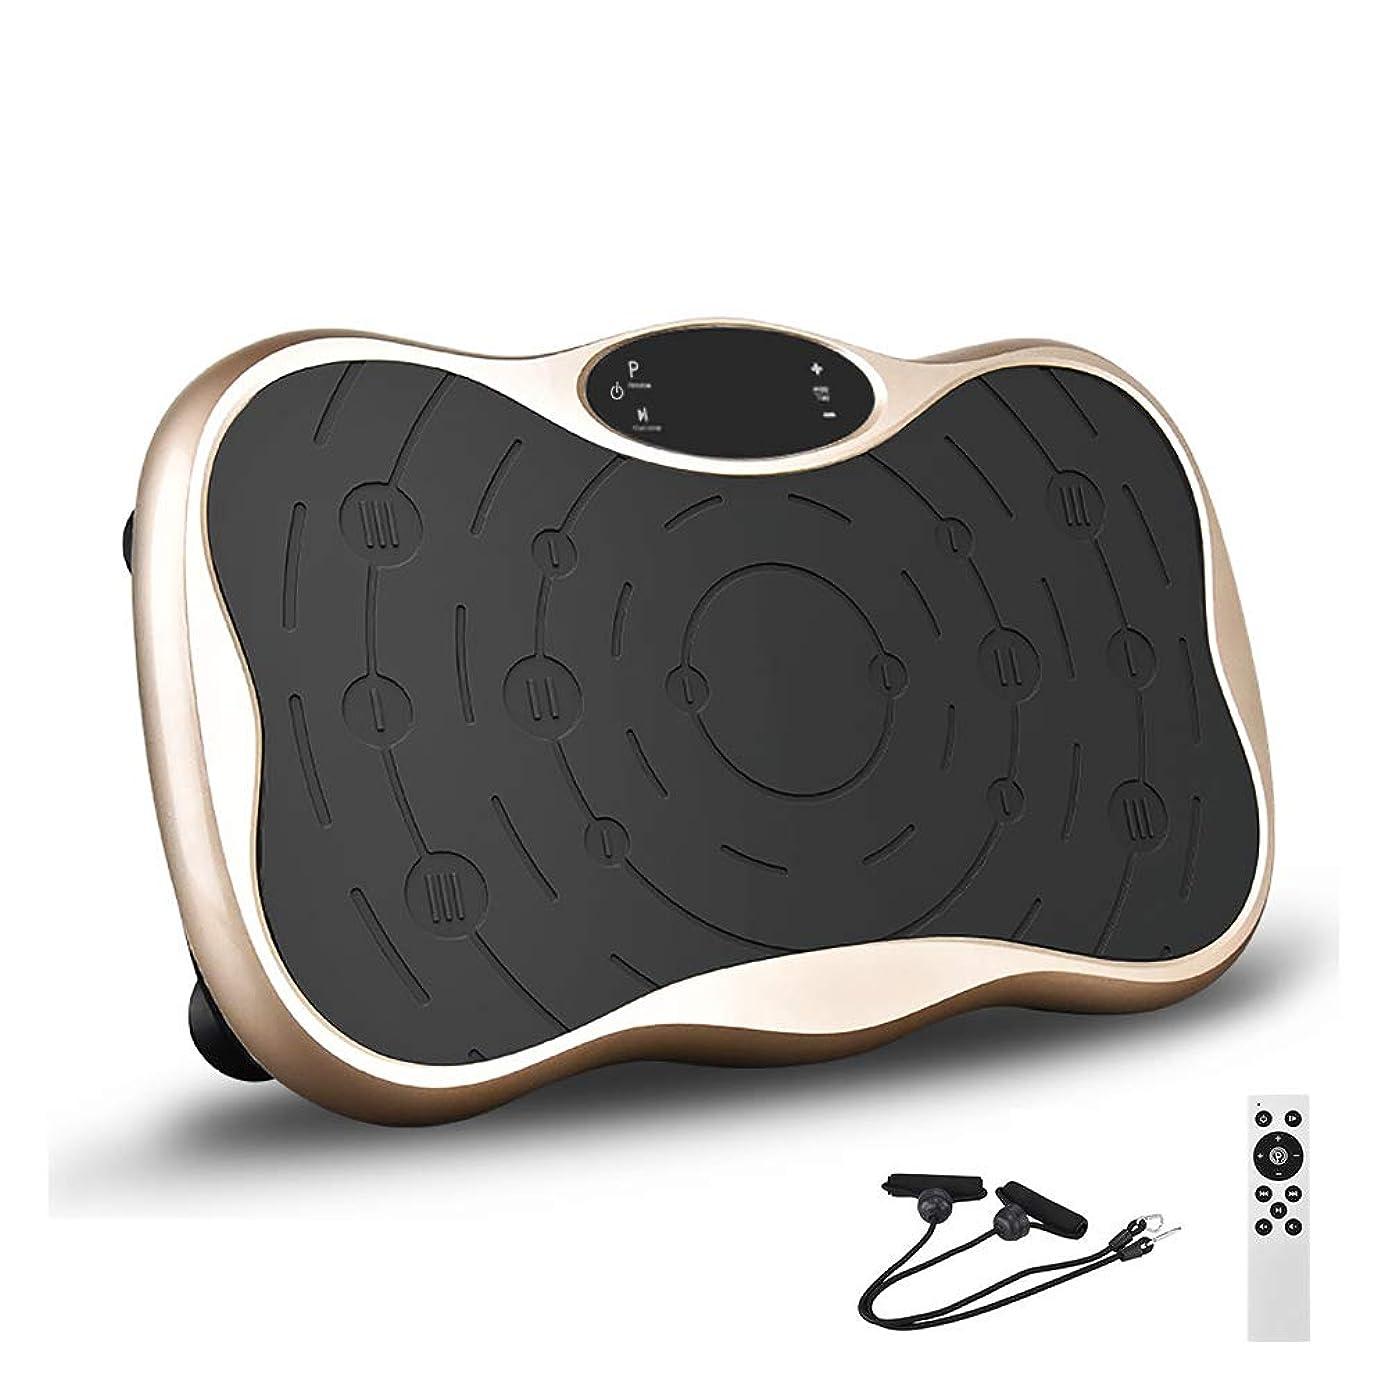 印象的なアラーム国民PSE認証済 振動マシン フィットネスマシン 3D振動ステッパー バランスウェーブ 振動調節99段階 脂肪燃焼 全身振動 Bluetooth/USBジャック 音楽機能 プルコードが付